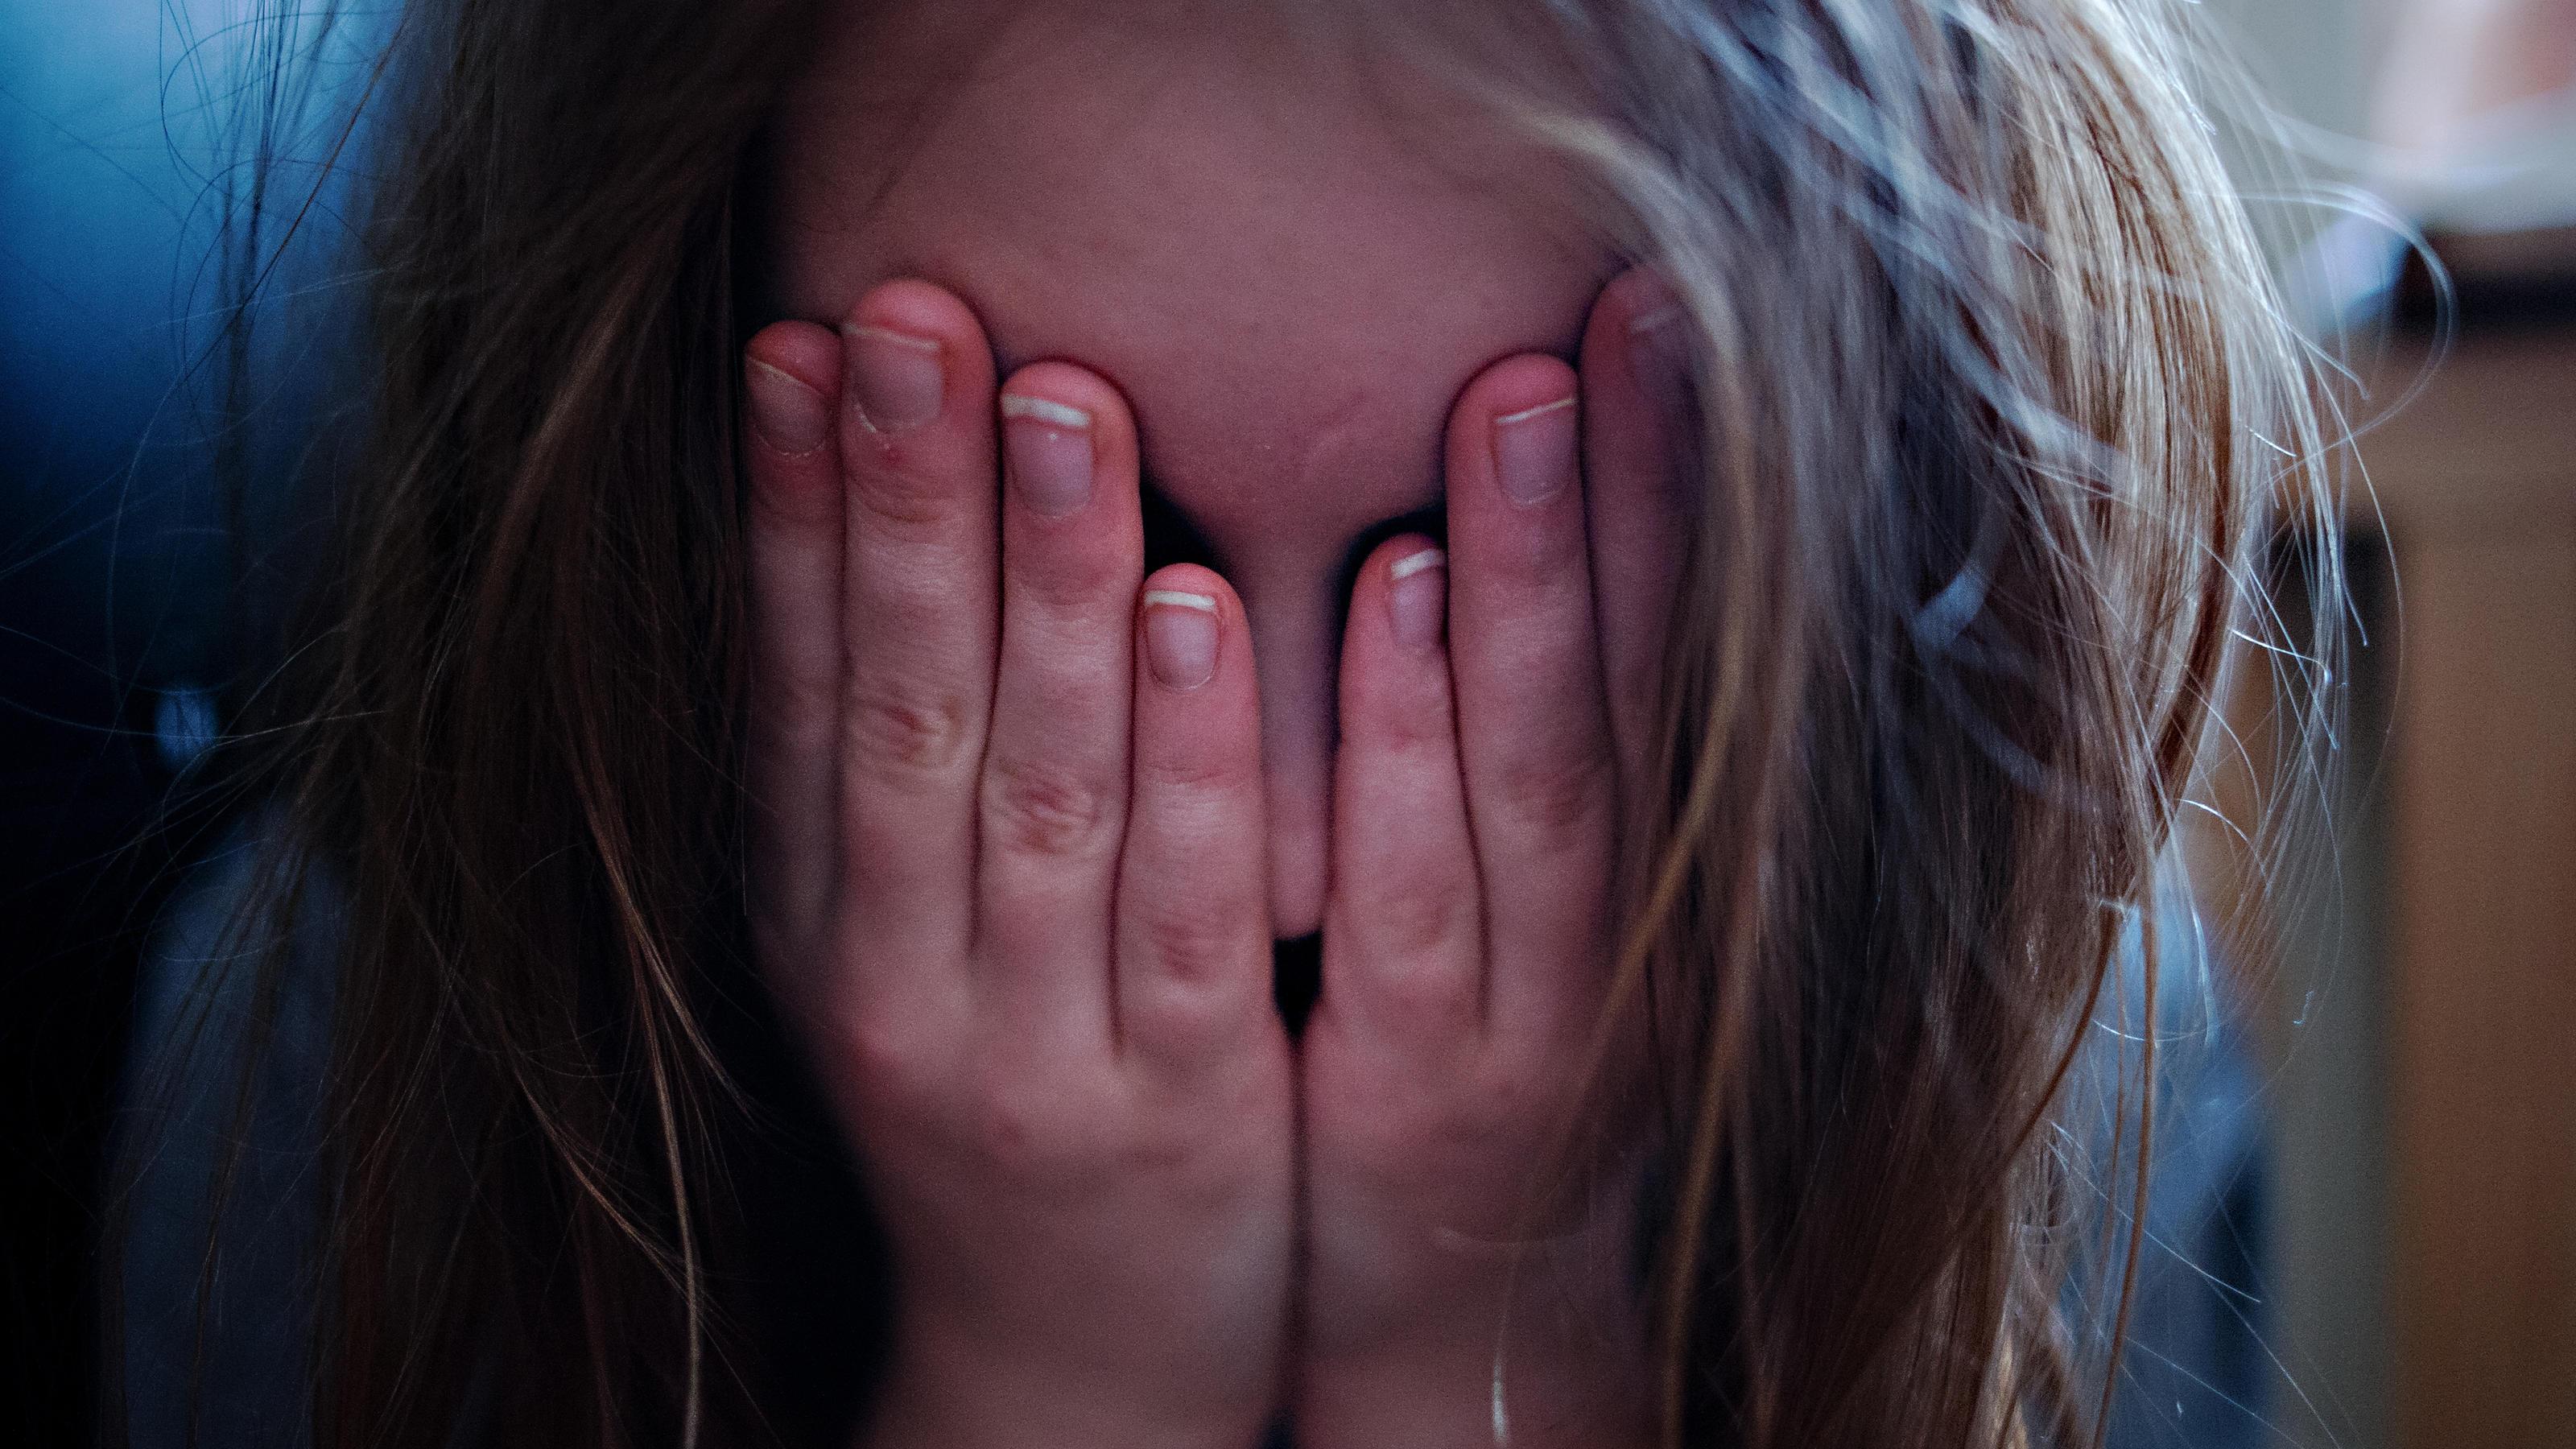 Vom Stiefvater vergewaltigt | Neunjährige muss Kind bekommen